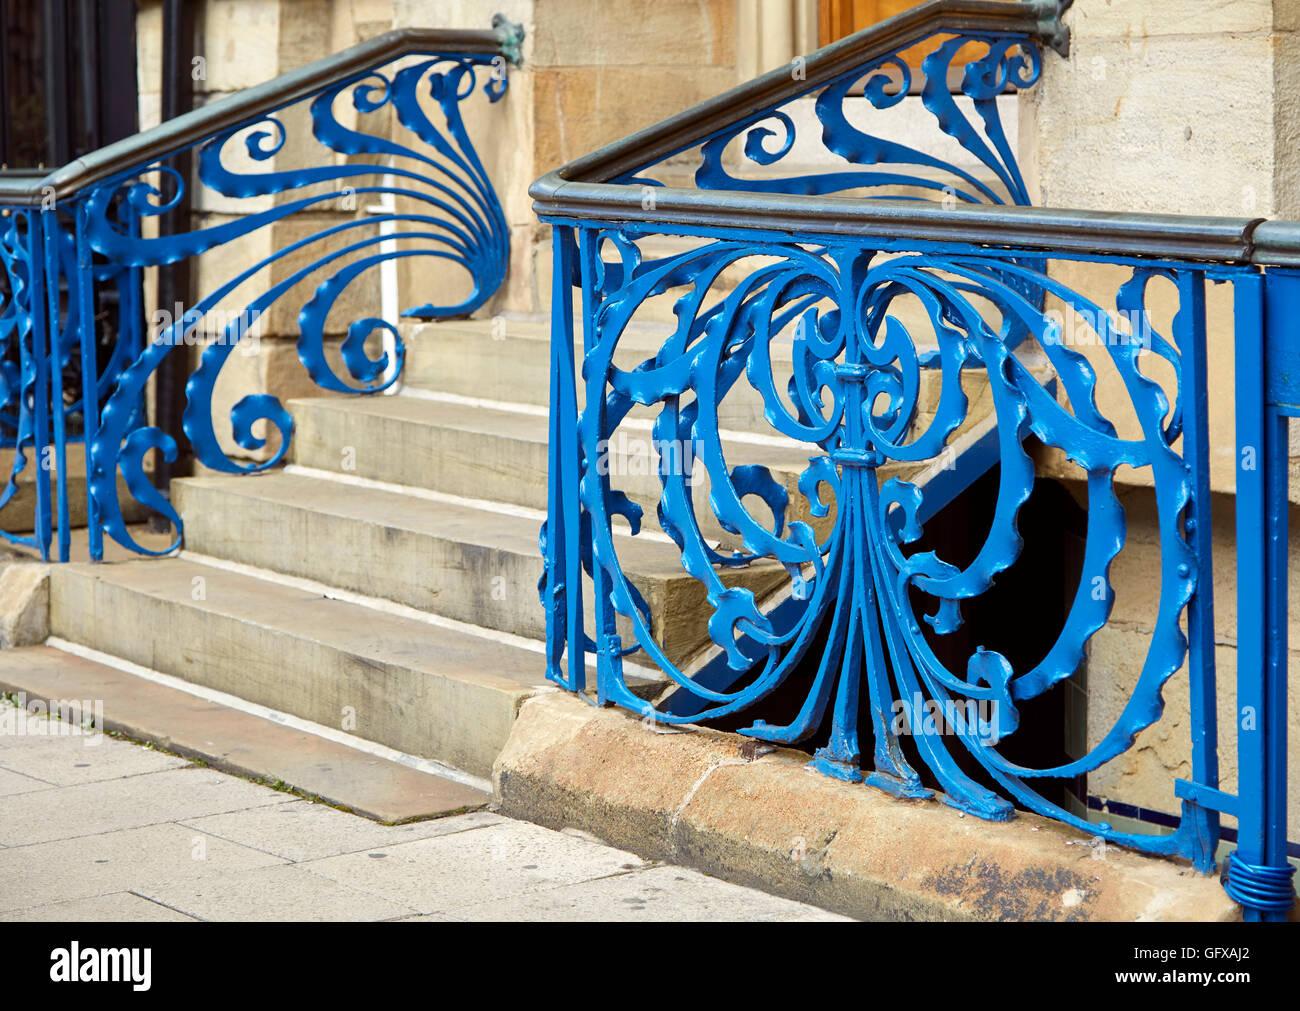 Peint bleu en fer forgé art nouveau rubans tourbillonnantes avec